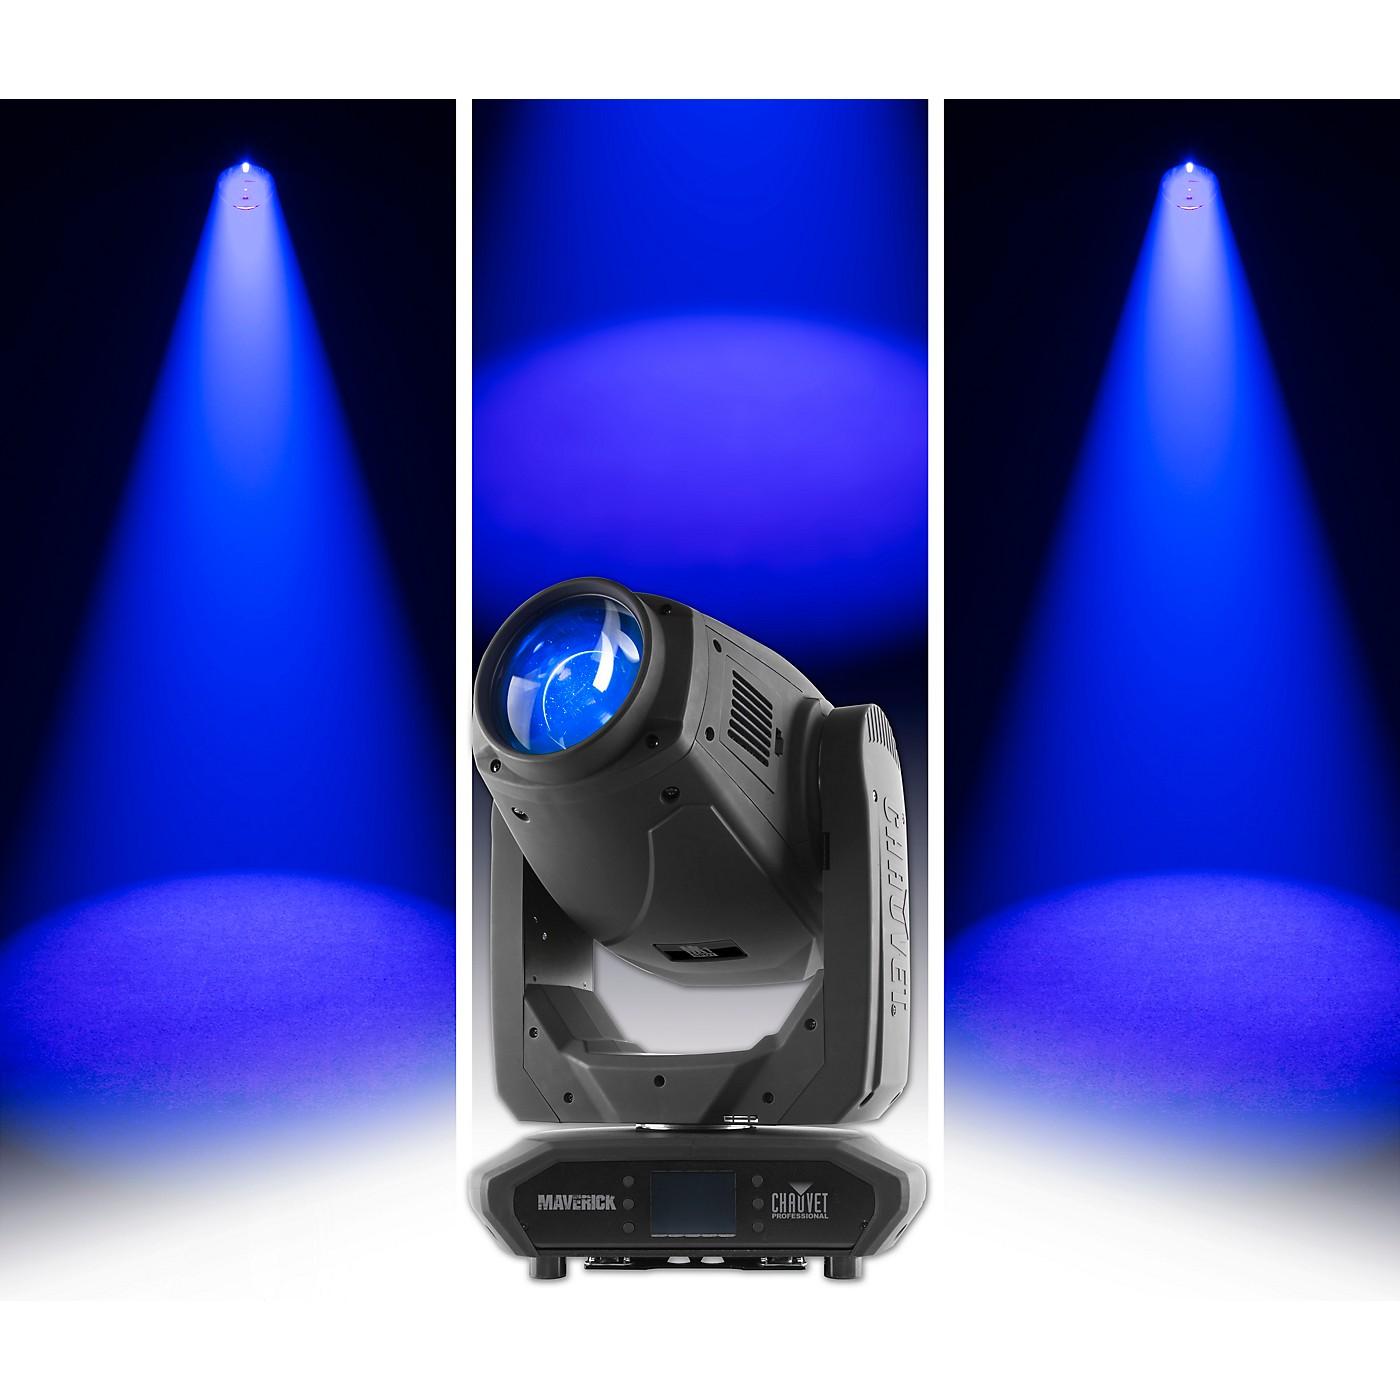 CHAUVET Professional Maverick MK1 Spot 350W LED Professional Moving Head Beam Light thumbnail